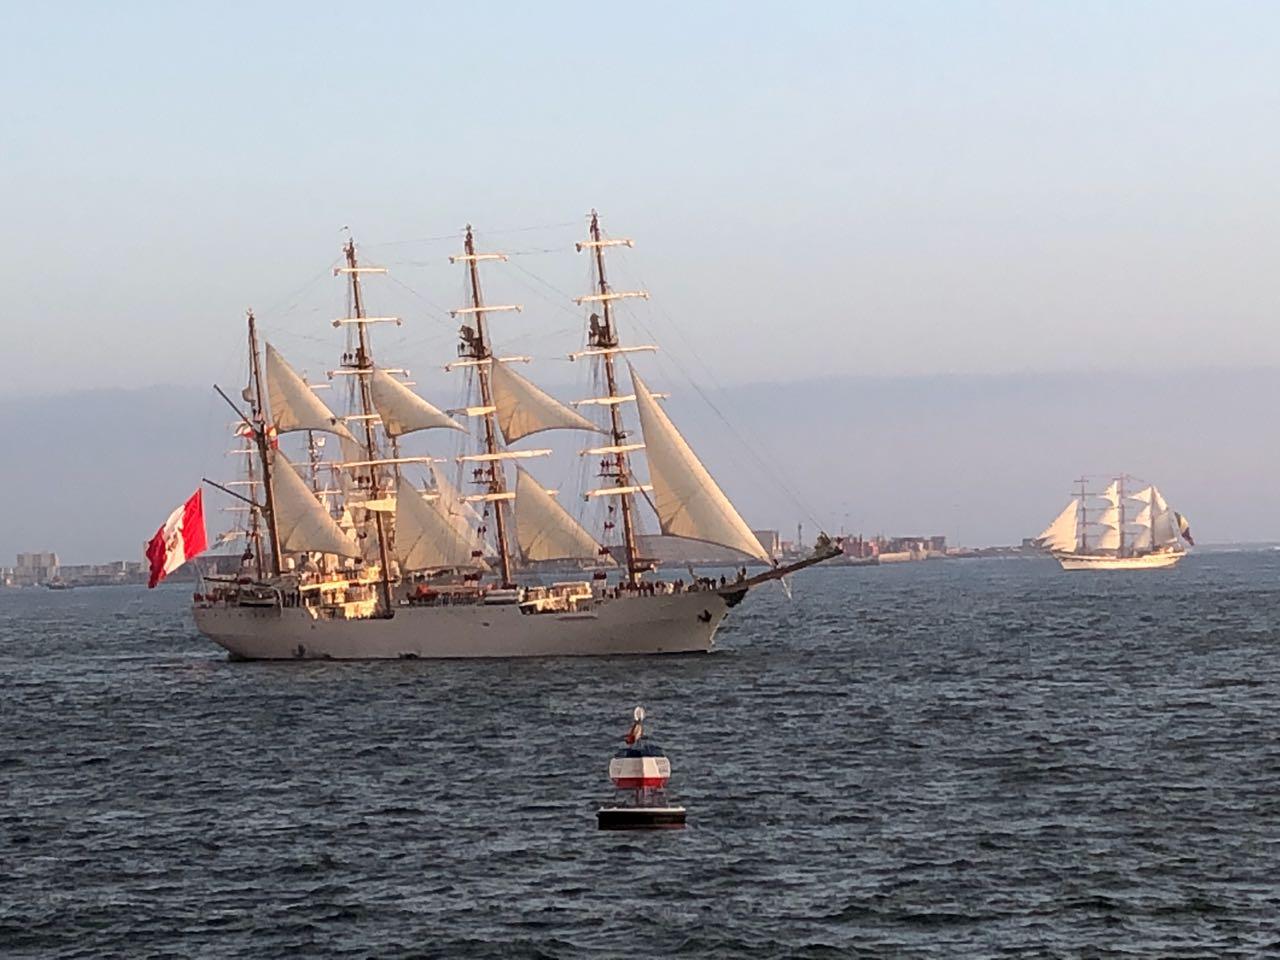 Buque Escuela peruano Unión navega frente a la Boya Esmeralda en Iquique